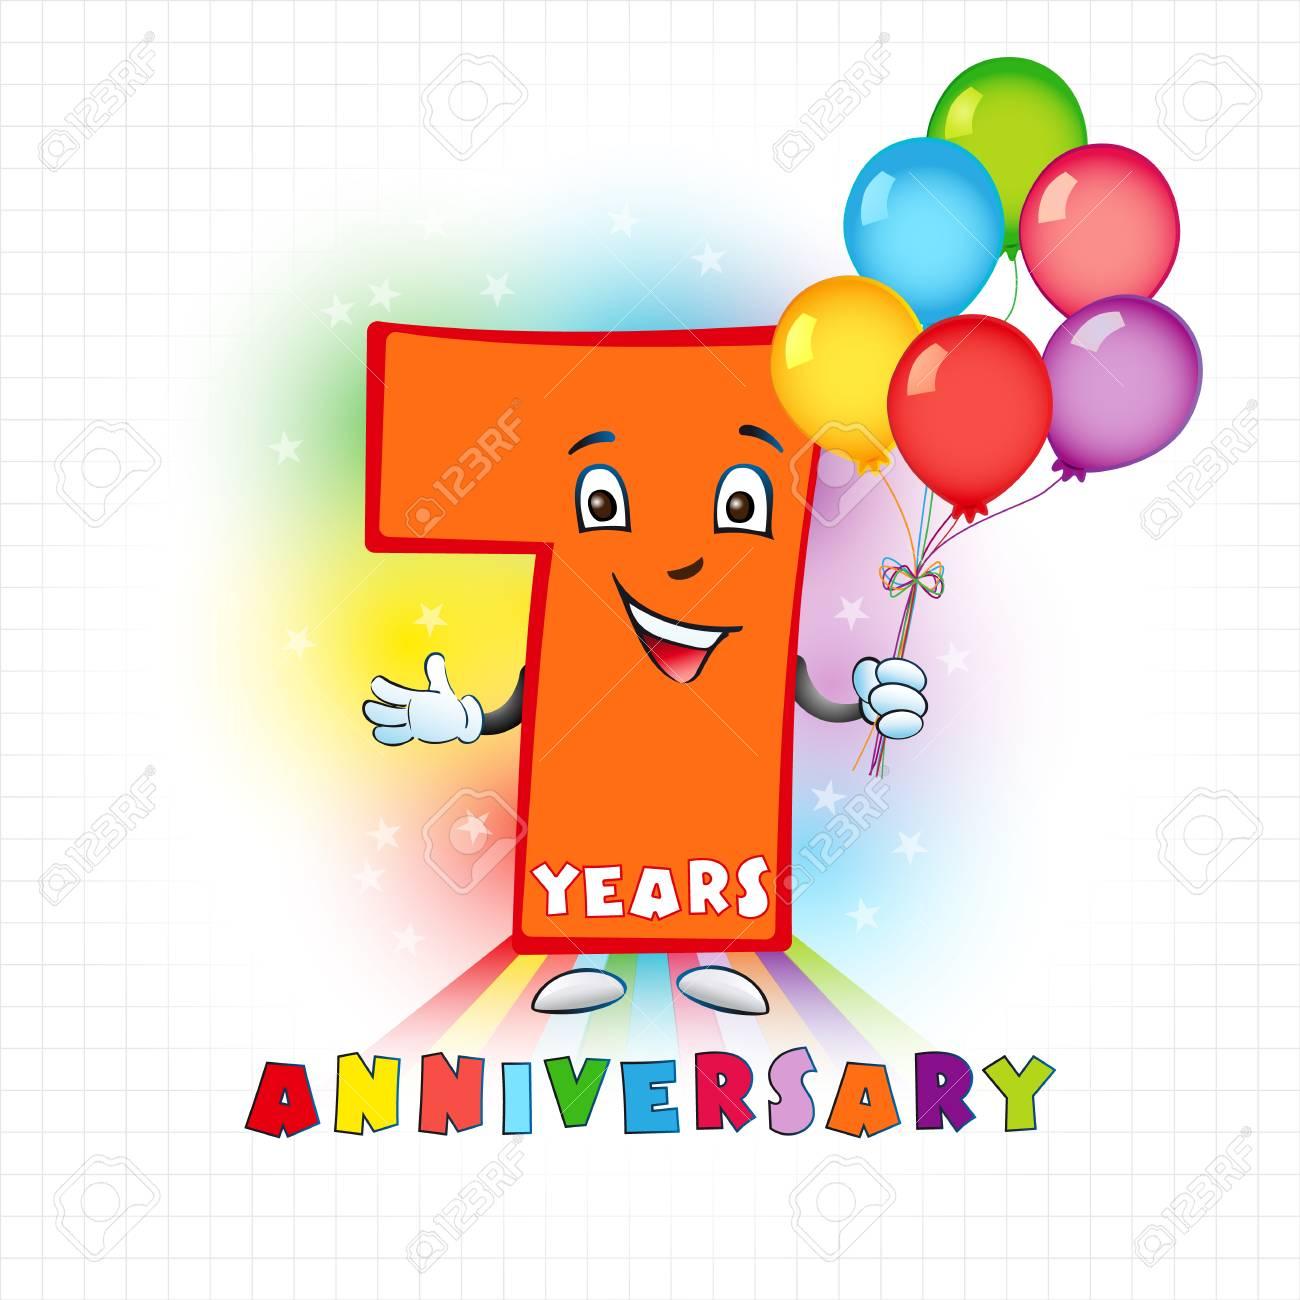 Logotipo Animado De Siete Años. 7 Aniversario Logotipo Divertido ...